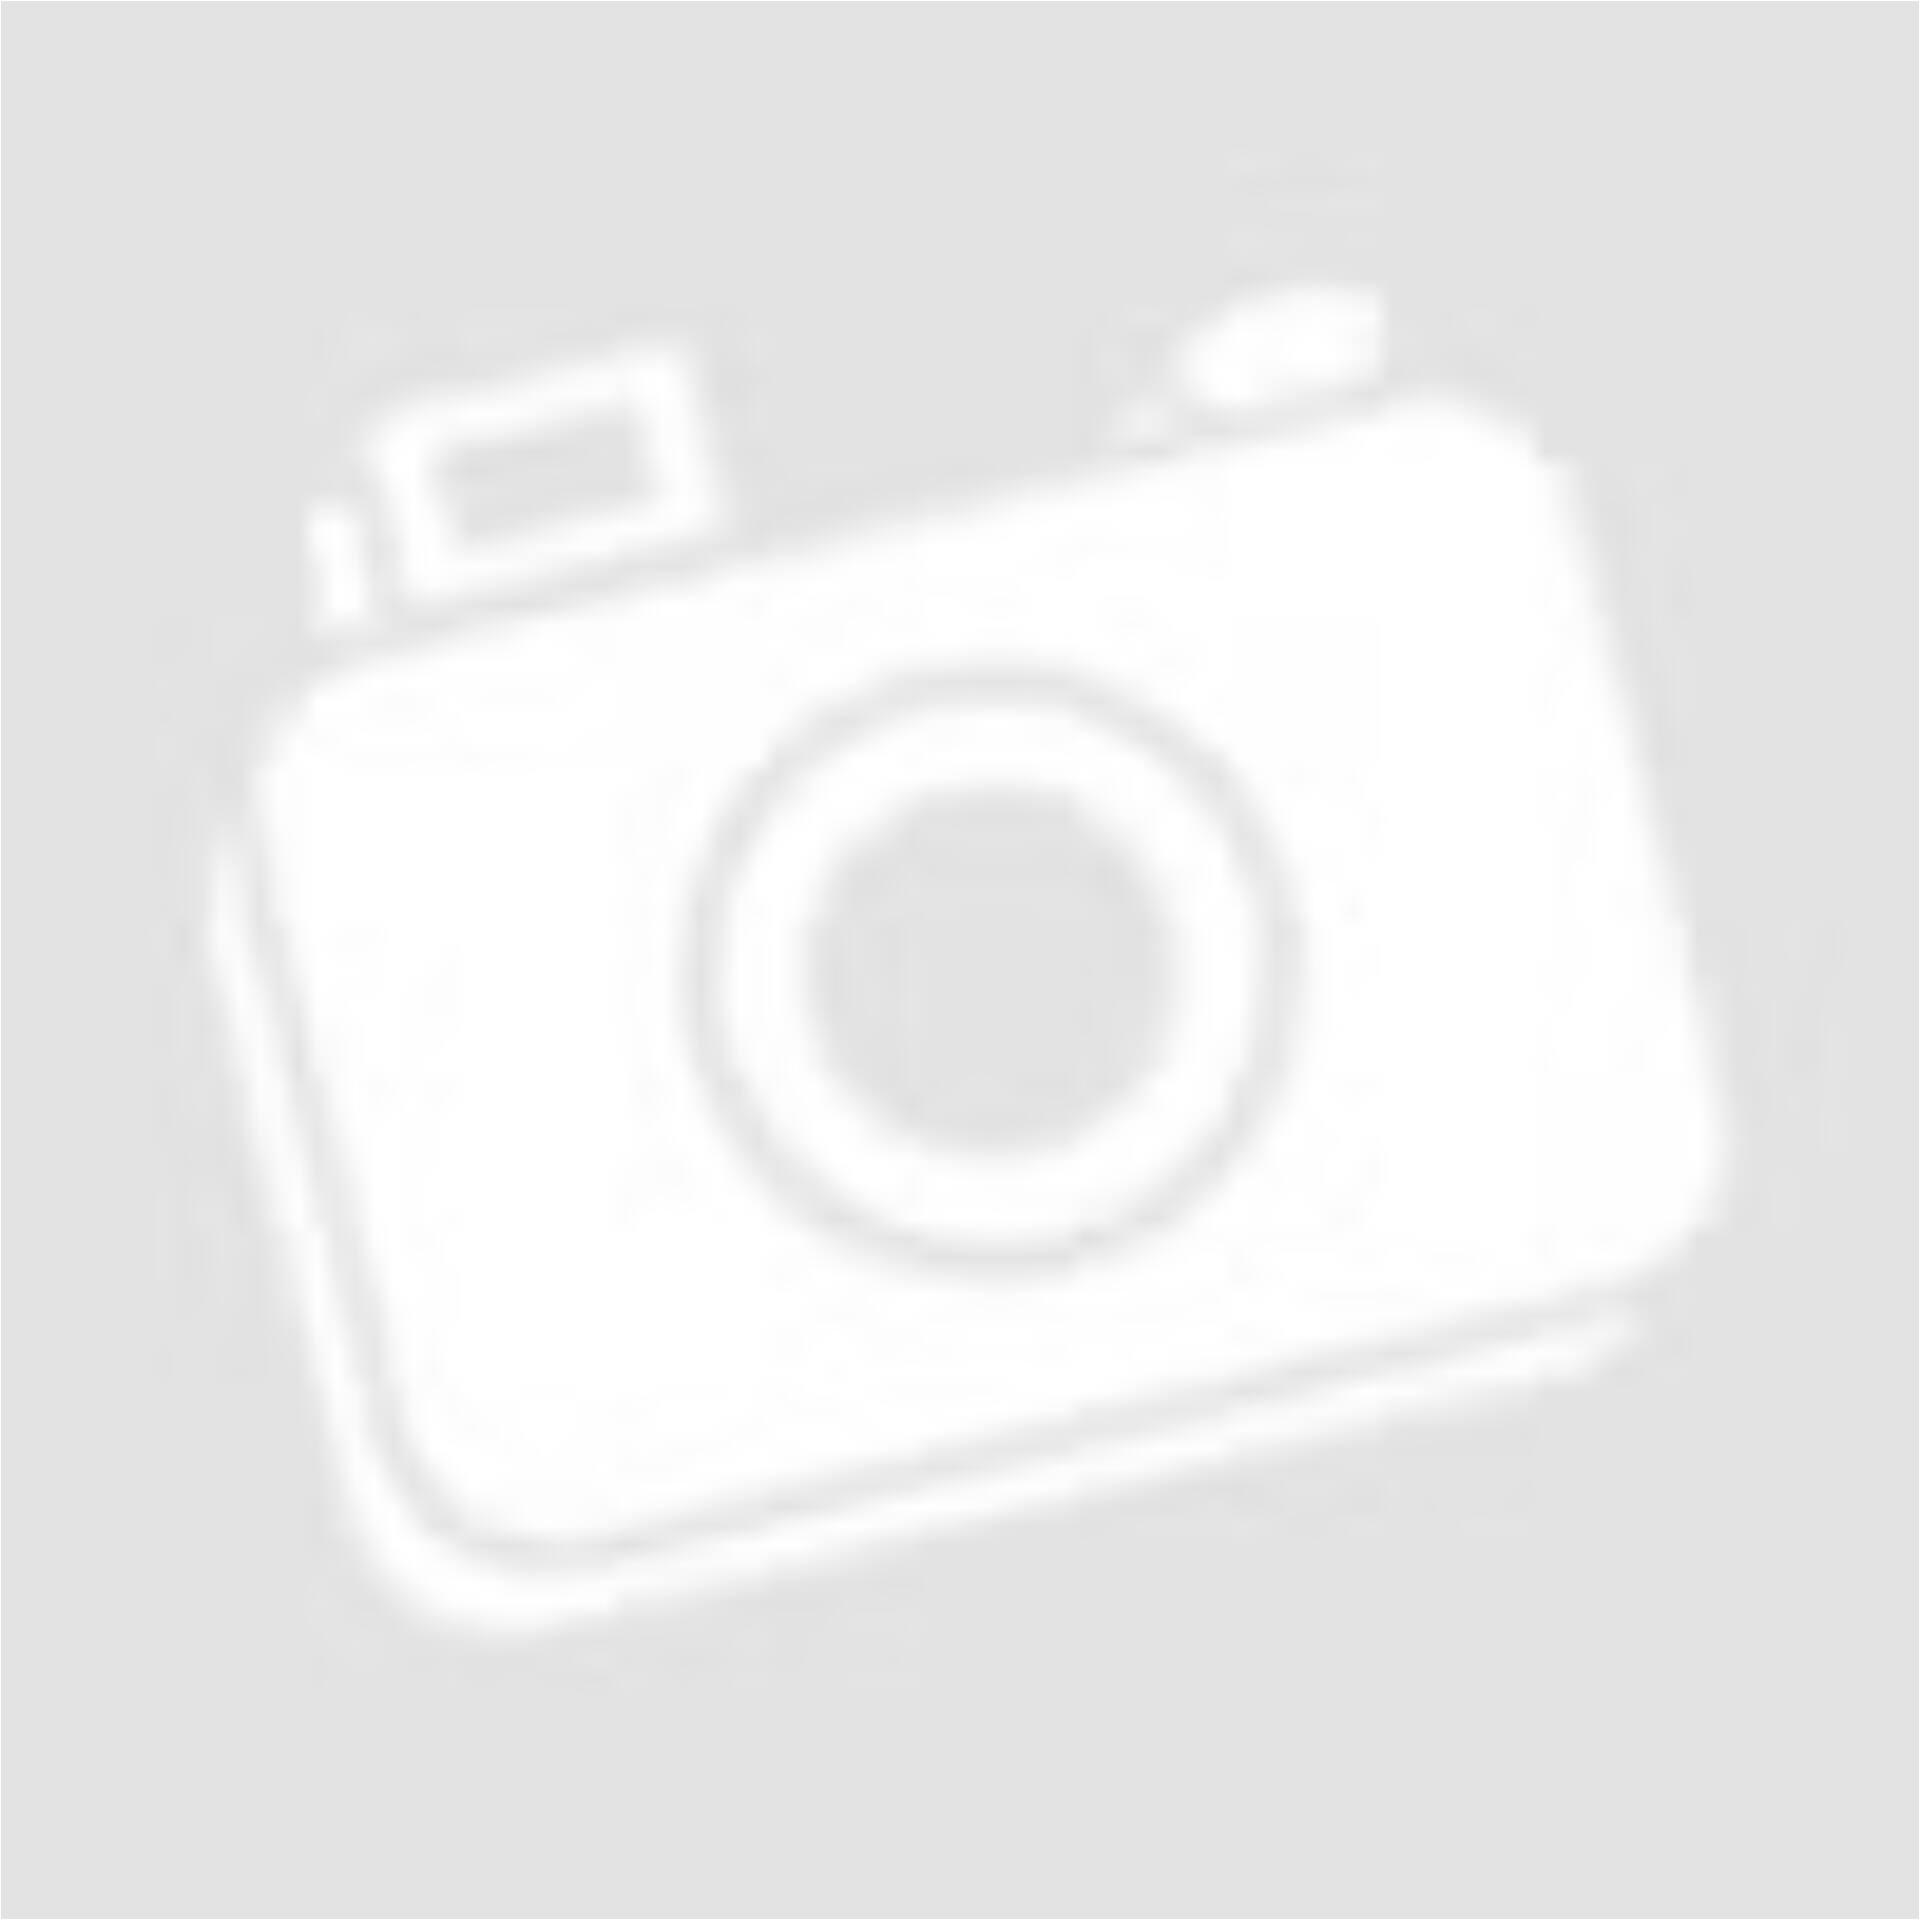 310b17d7d4 Fényes zöld H&M ruha, gyári címkés (Méret: M) - Alkalmi ruha ...